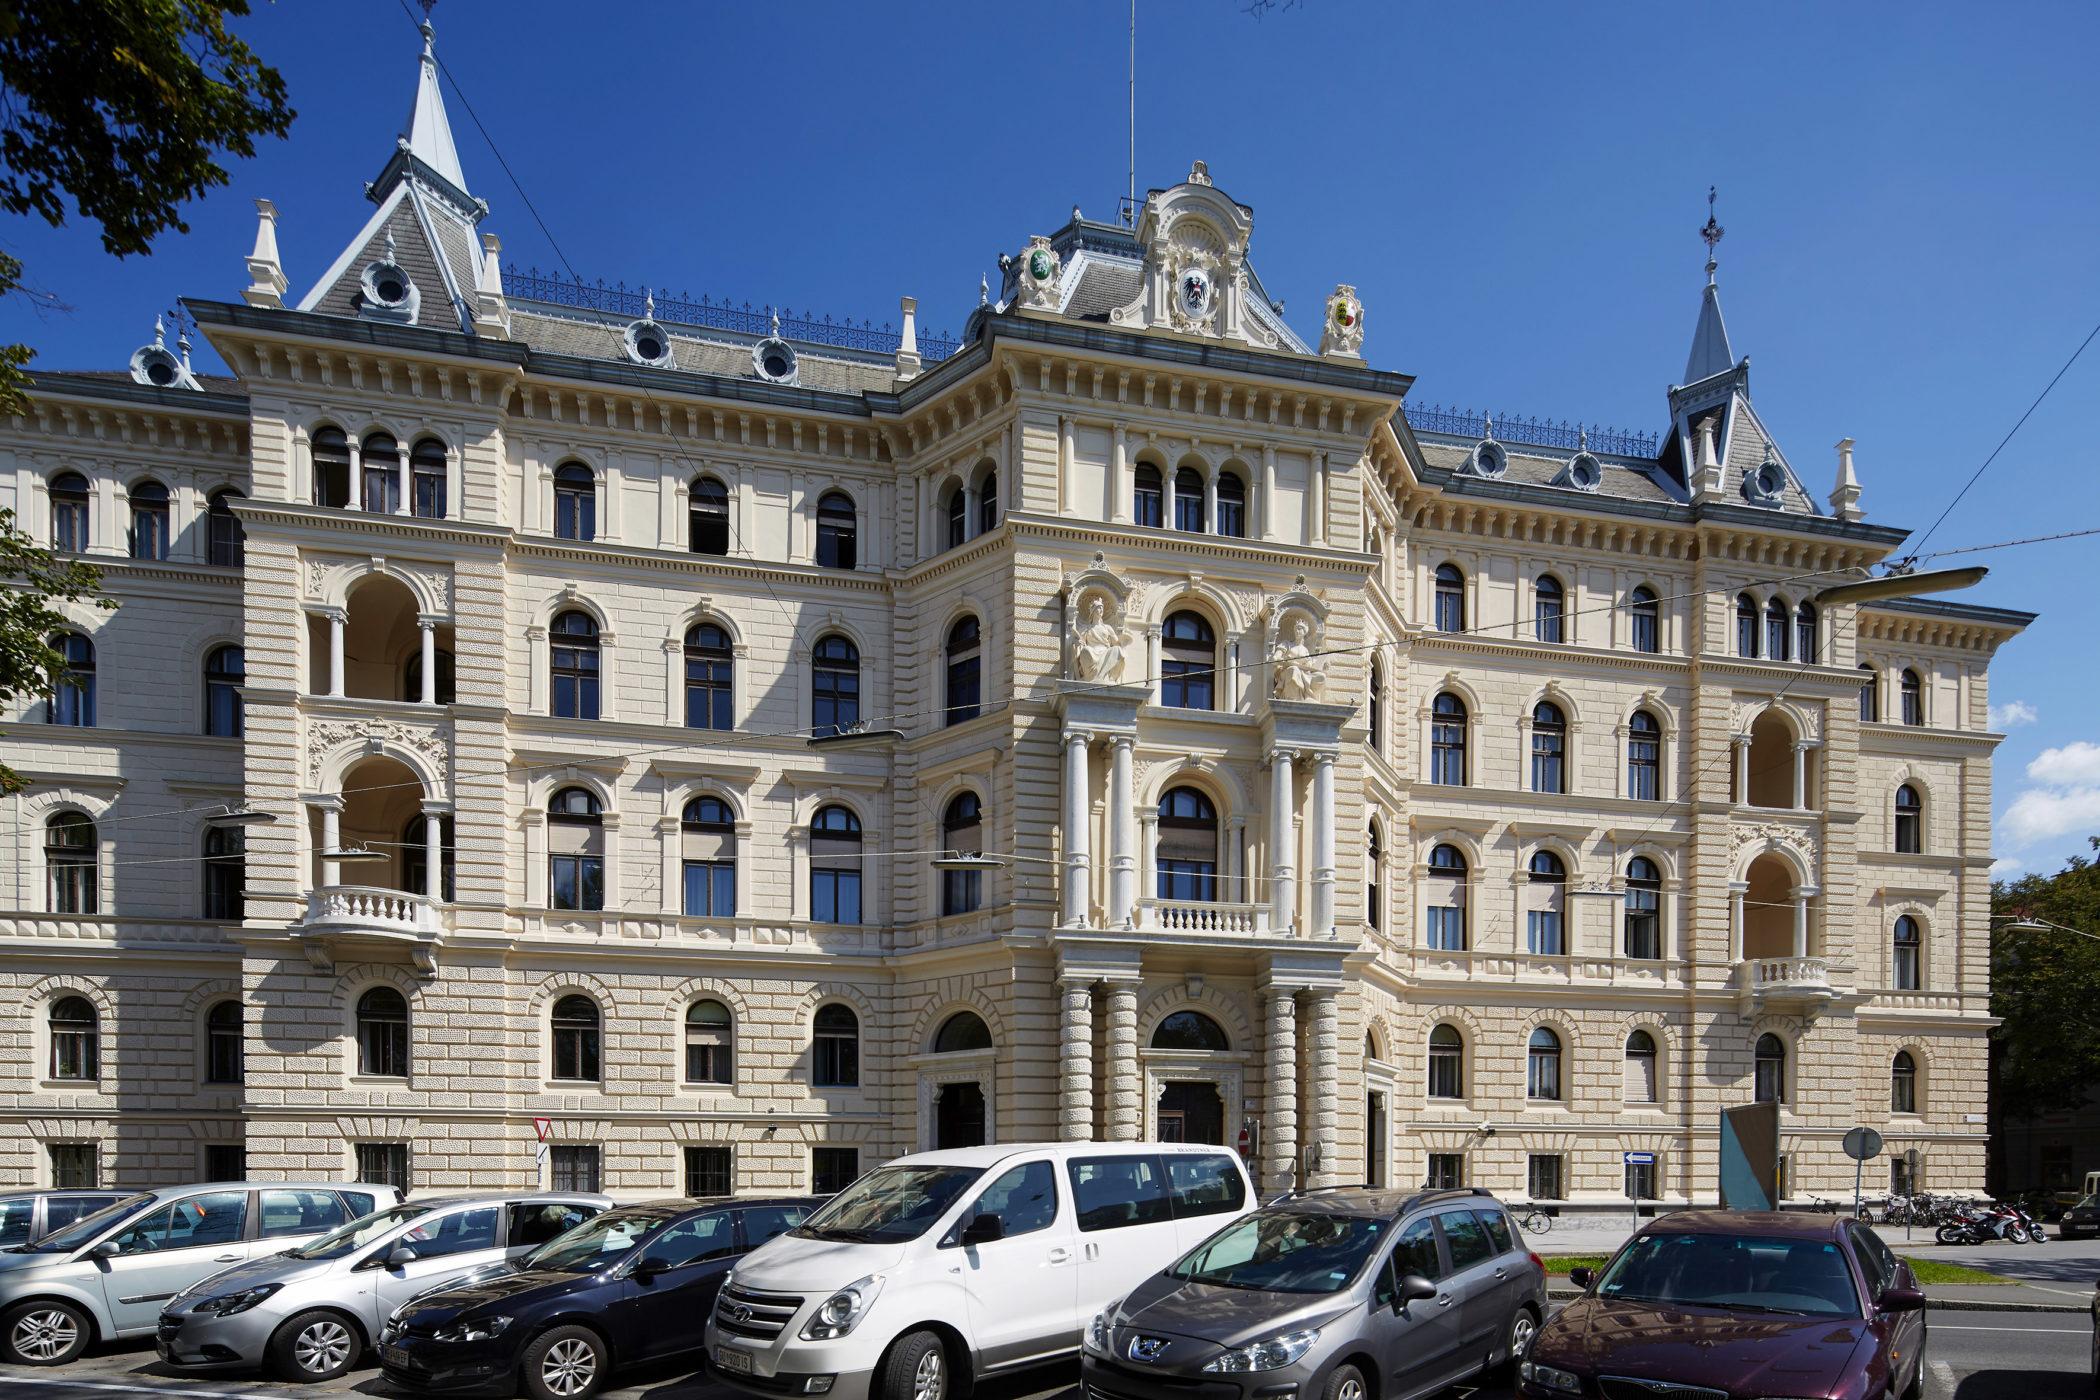 Pongratz Bau, Landesgericht Graz, Gebäude, Architekturfoto